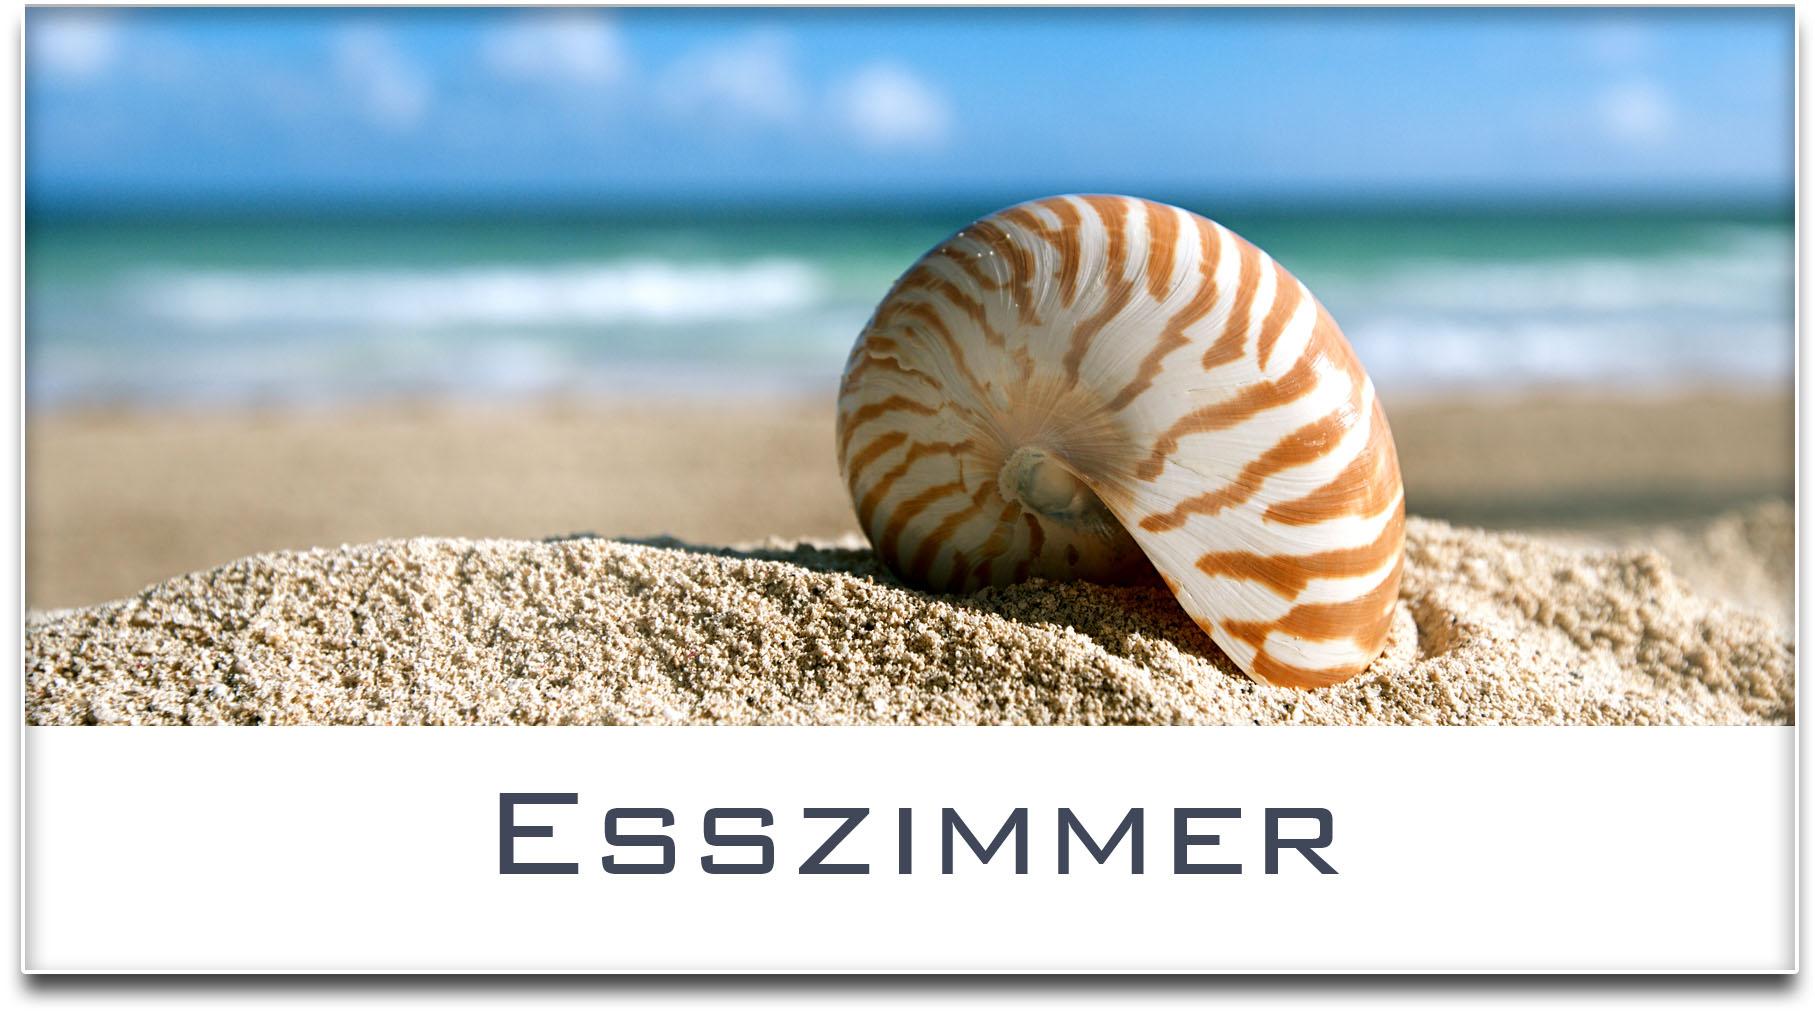 Türschild / Haustürschild / Muschel / Strand / Esszimmer / Selbstklebend